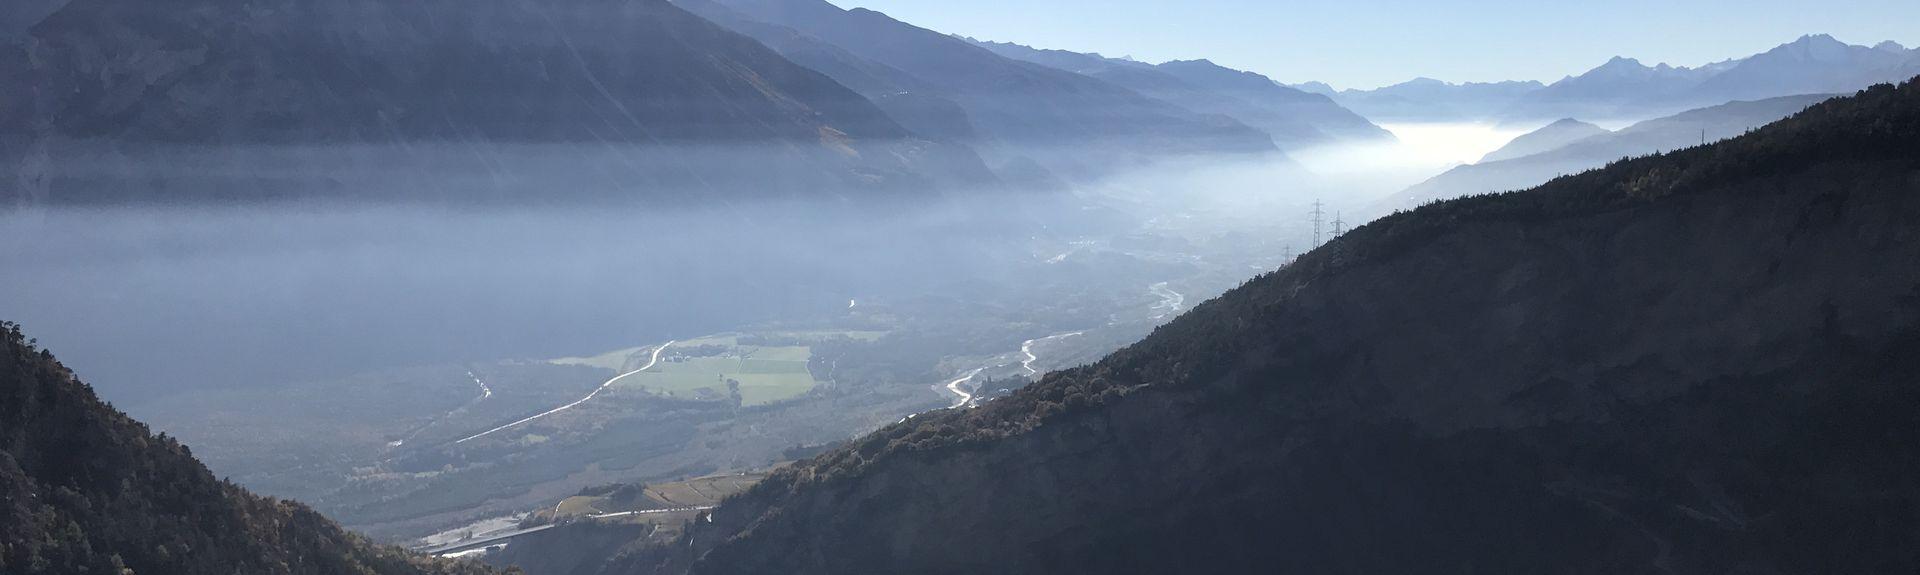 Ośrodek narciarski Lauchernalp, Wiler, Wallis, Szwajcaria